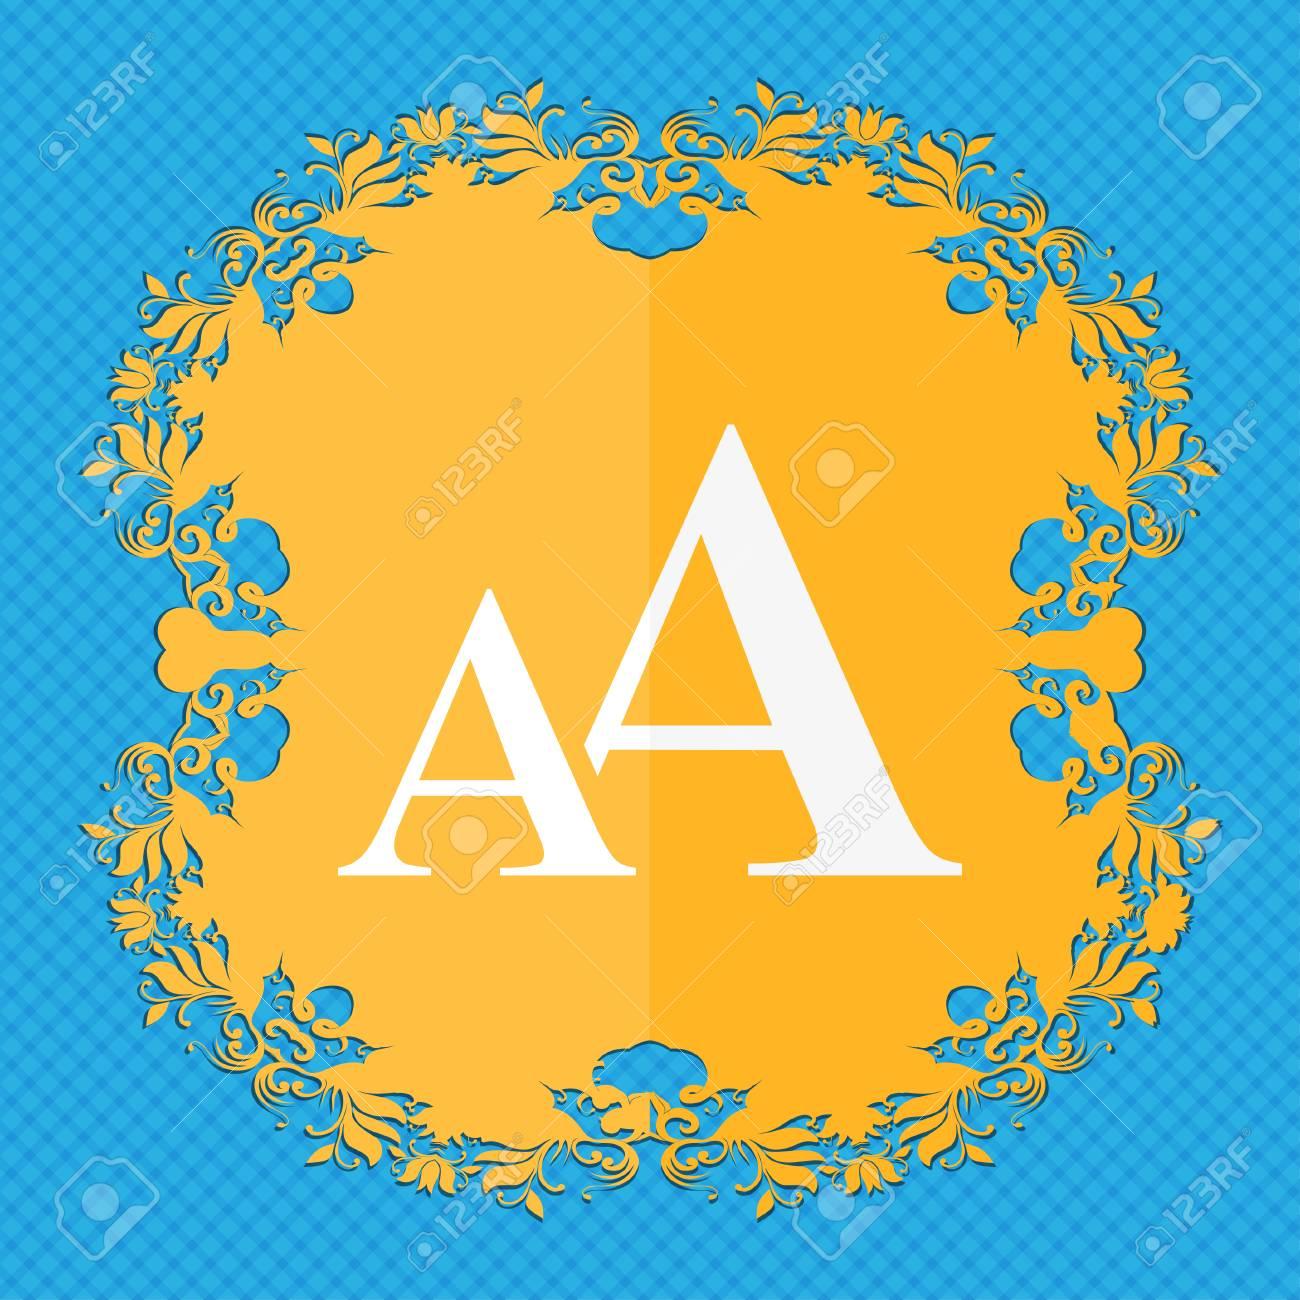 Vergrößern Sie Die Schrift Aa Symbol Zu Unterzeichnen Flaches Mit